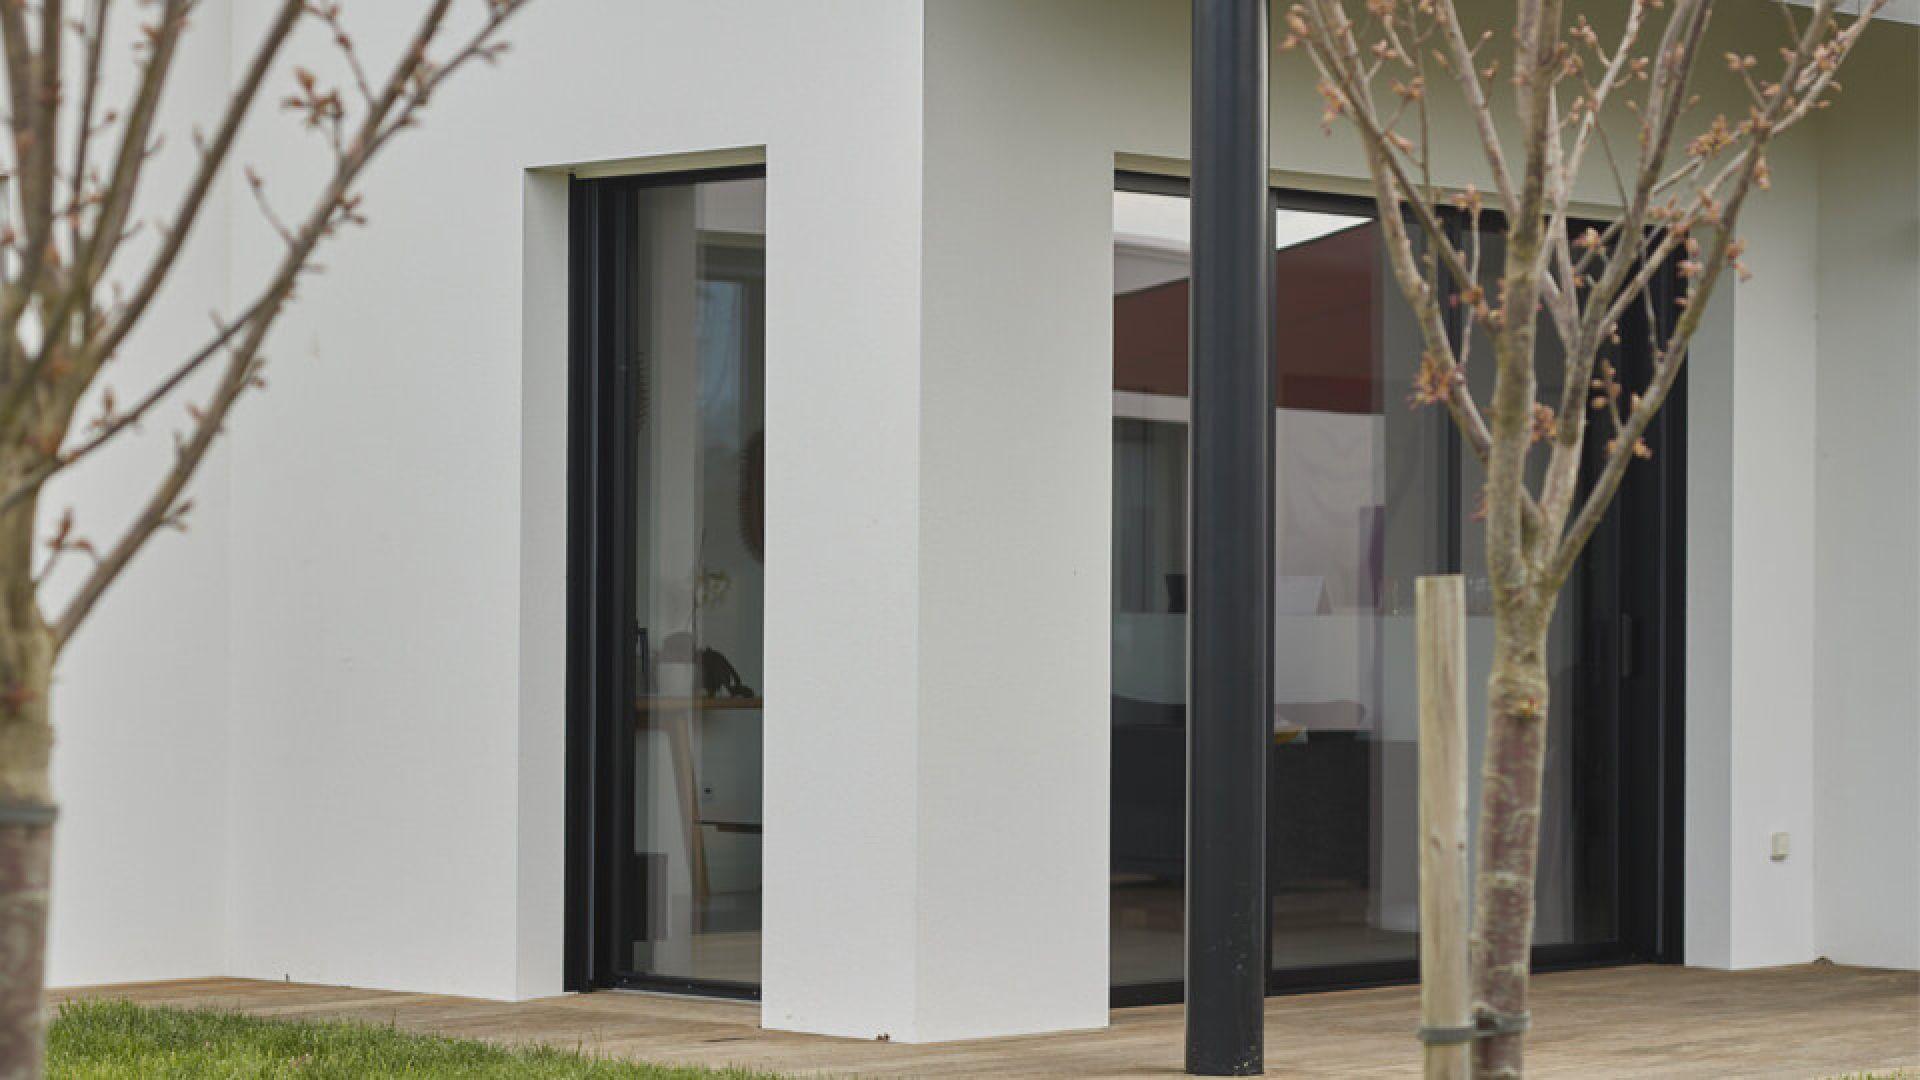 Enduit Blanc Mur Exterieur revêtement de façades : clarté et luminosité des murs à la